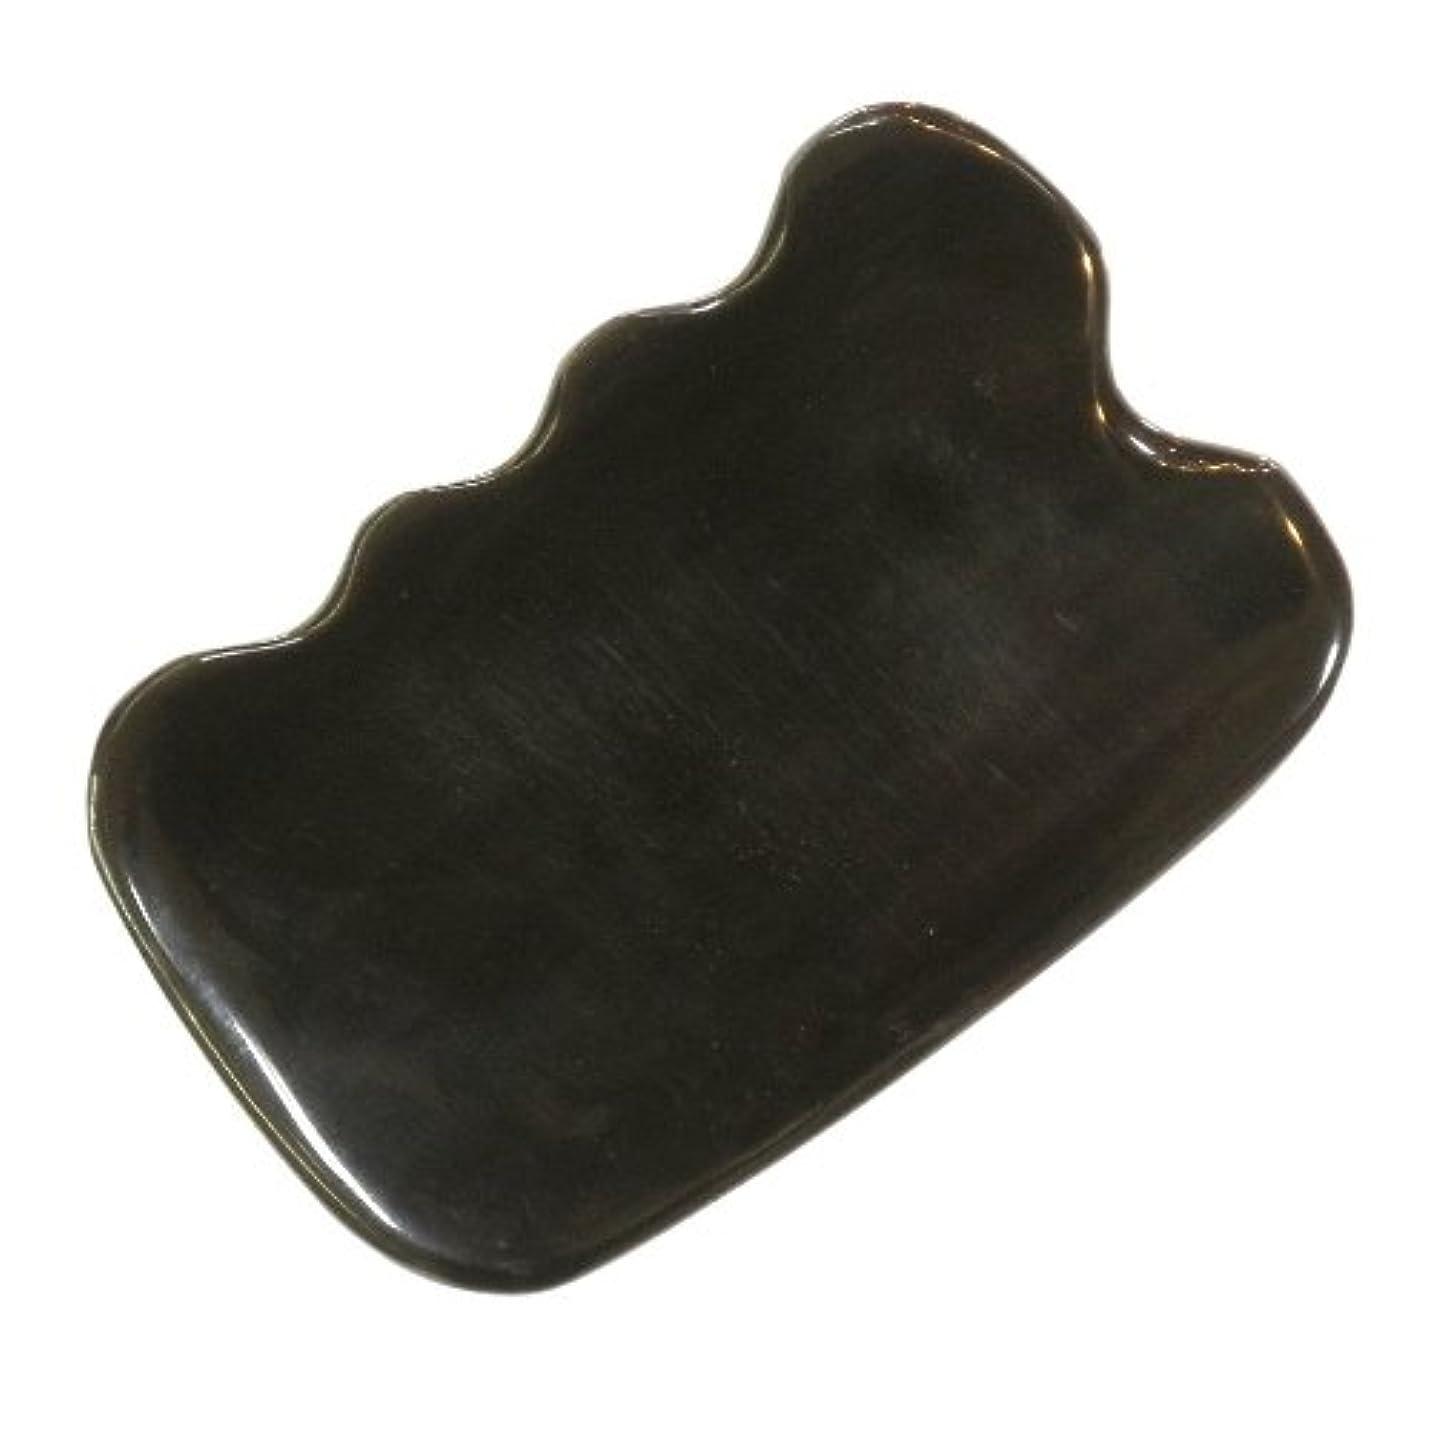 スタンド松明最少かっさ プレート 厚さが選べる ヤクの角(水牛の角) EHE272SP 四角波大 特級品 標準(6ミリ程度)